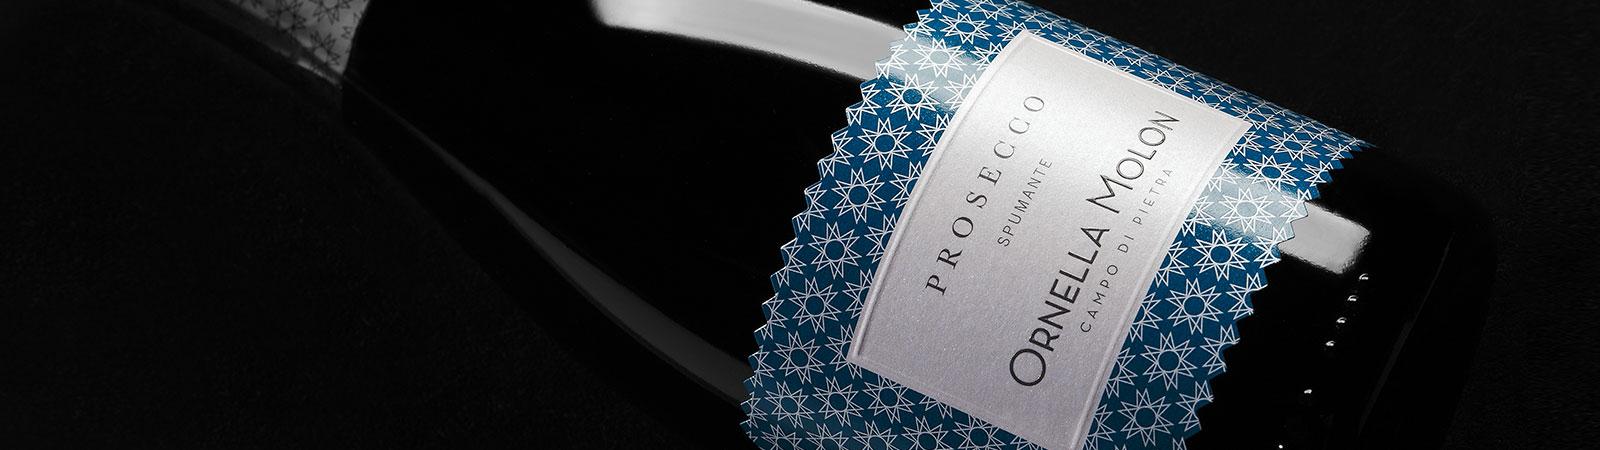 Sparkling wines Ornella Molon